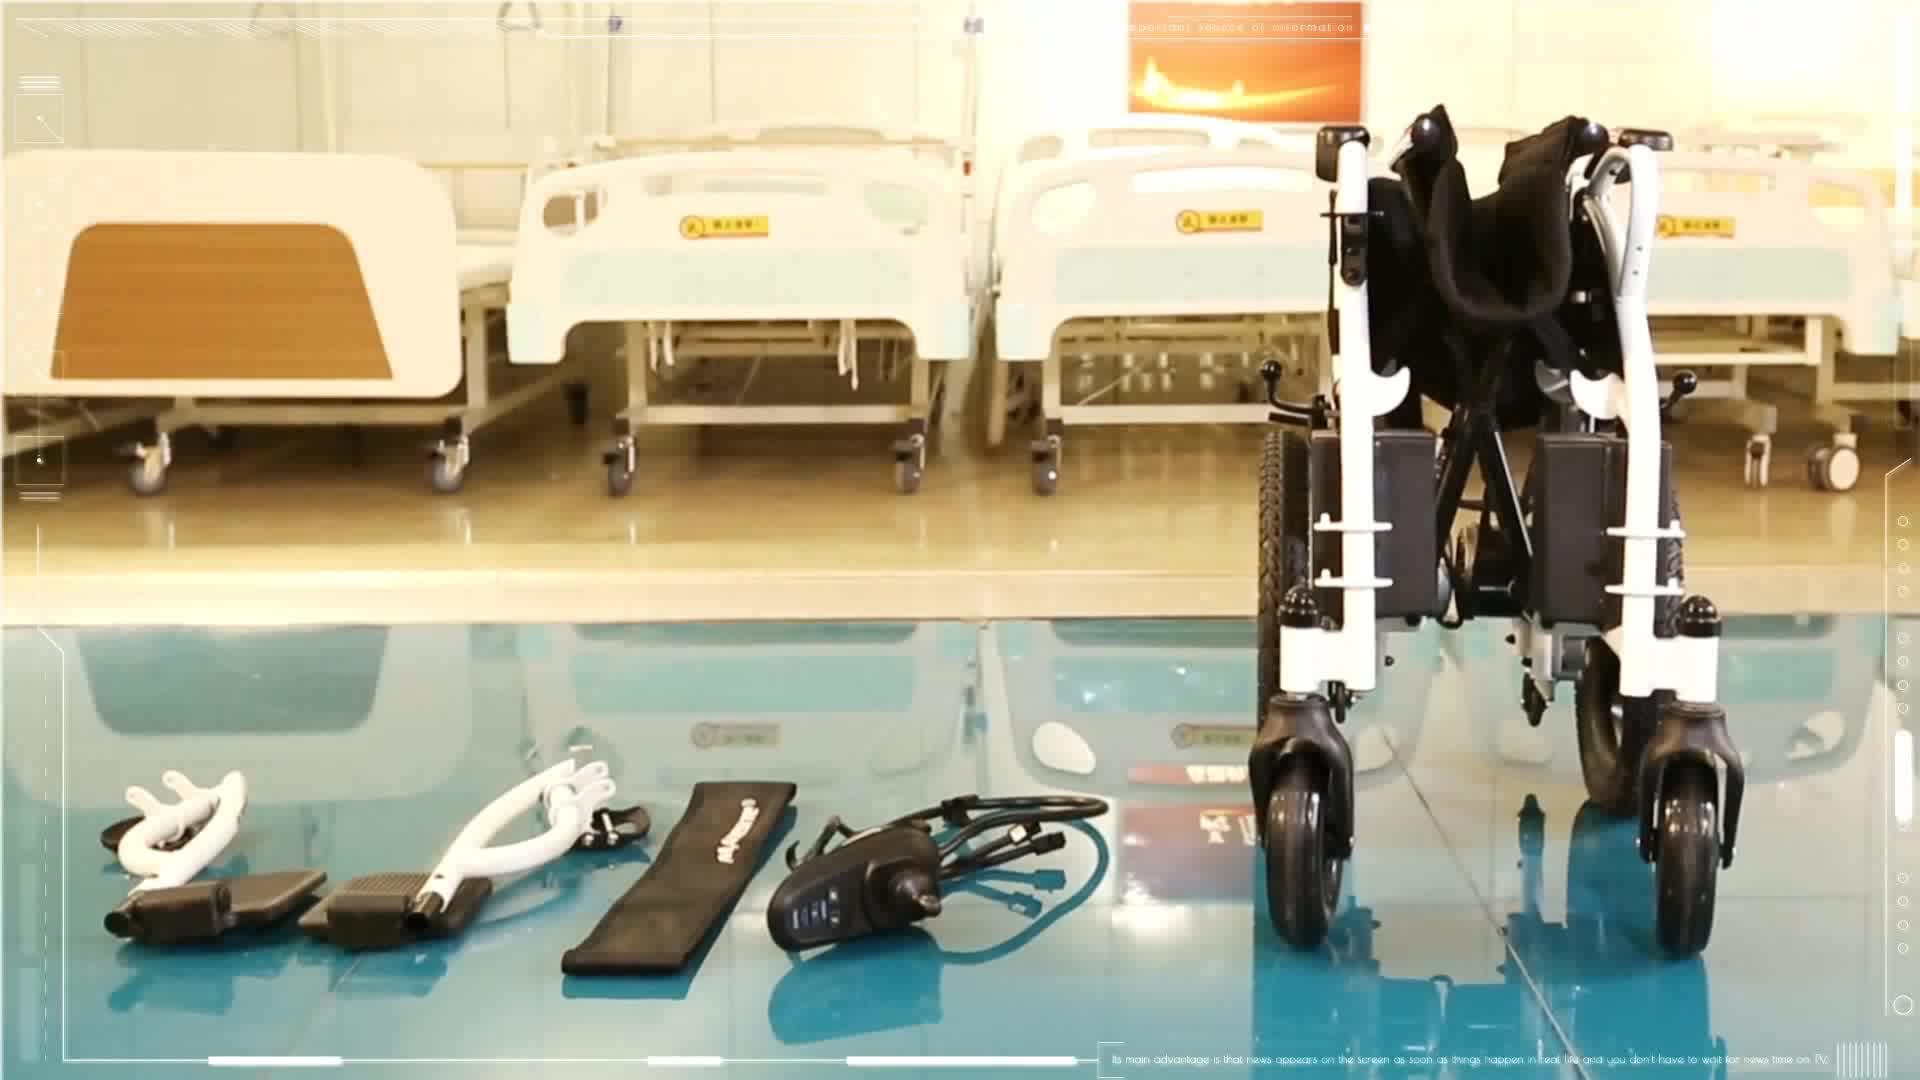 저렴한 가격 경량 스틸 접이식 전동 휠체어